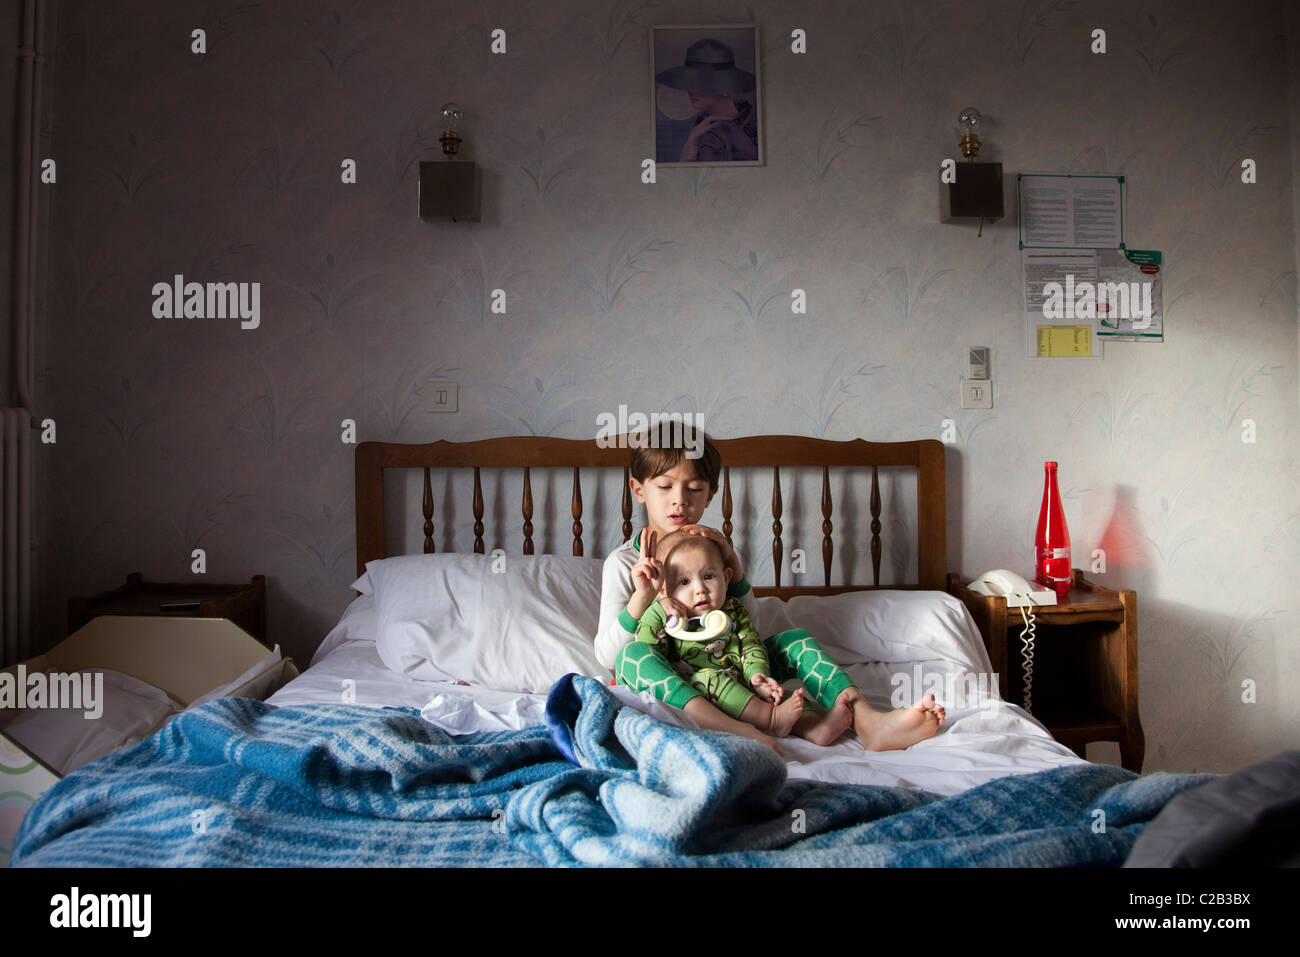 Chico sentado con su hermana de bebé en la cama de hotel Imagen De Stock